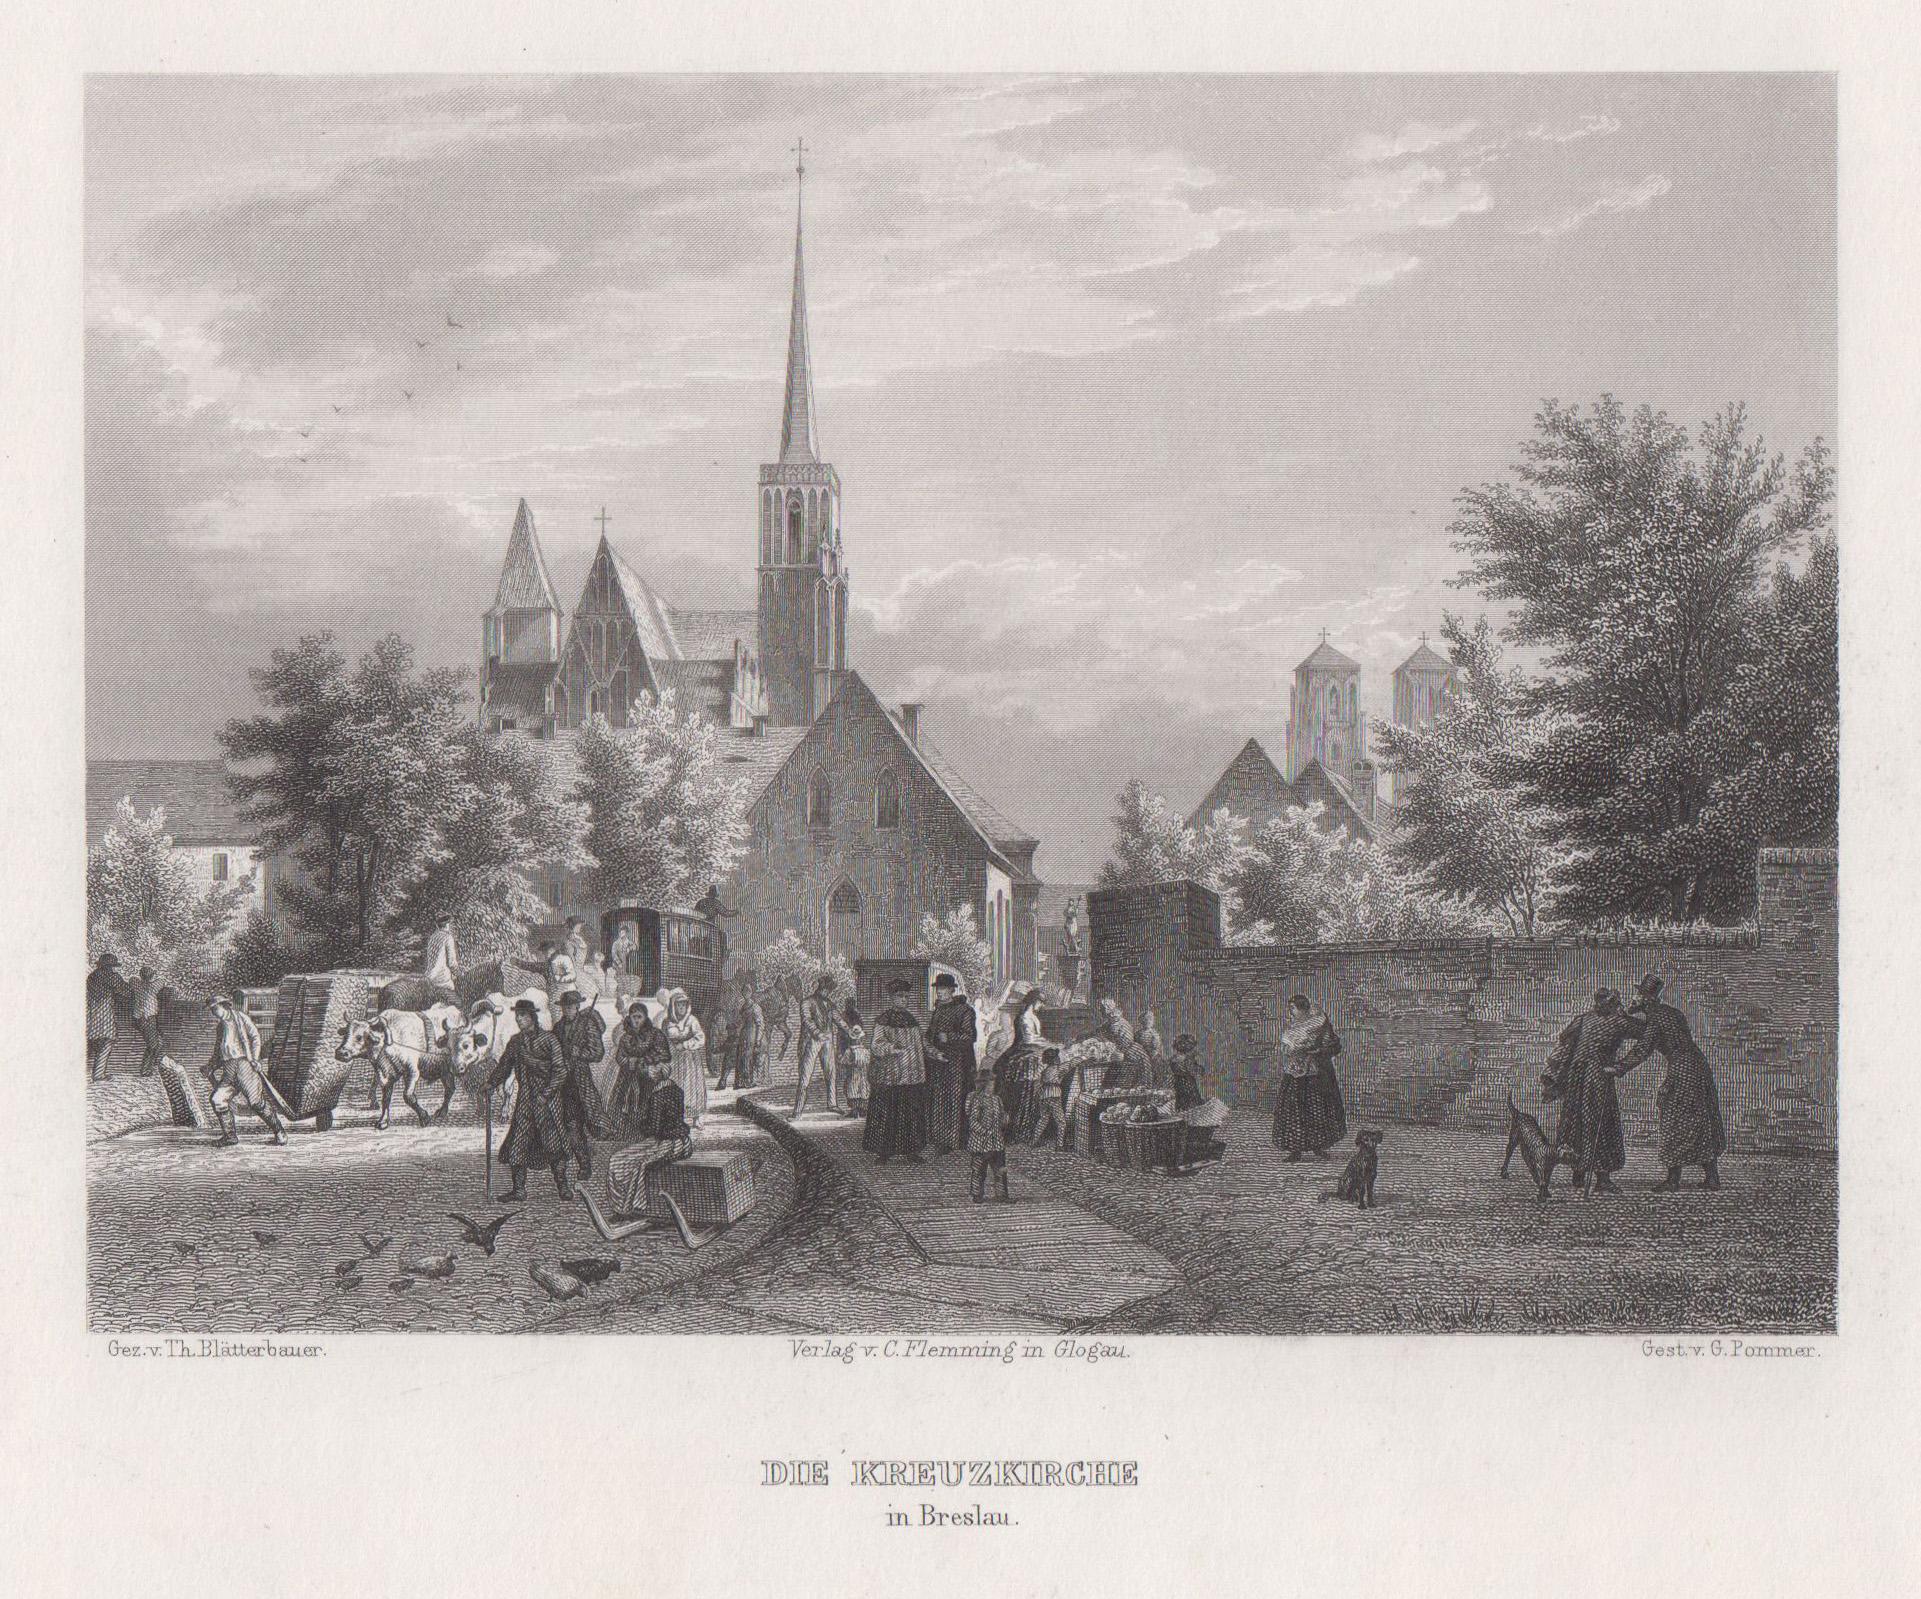 TA., Kreuzkirche.: Breslau ( Wroclaw